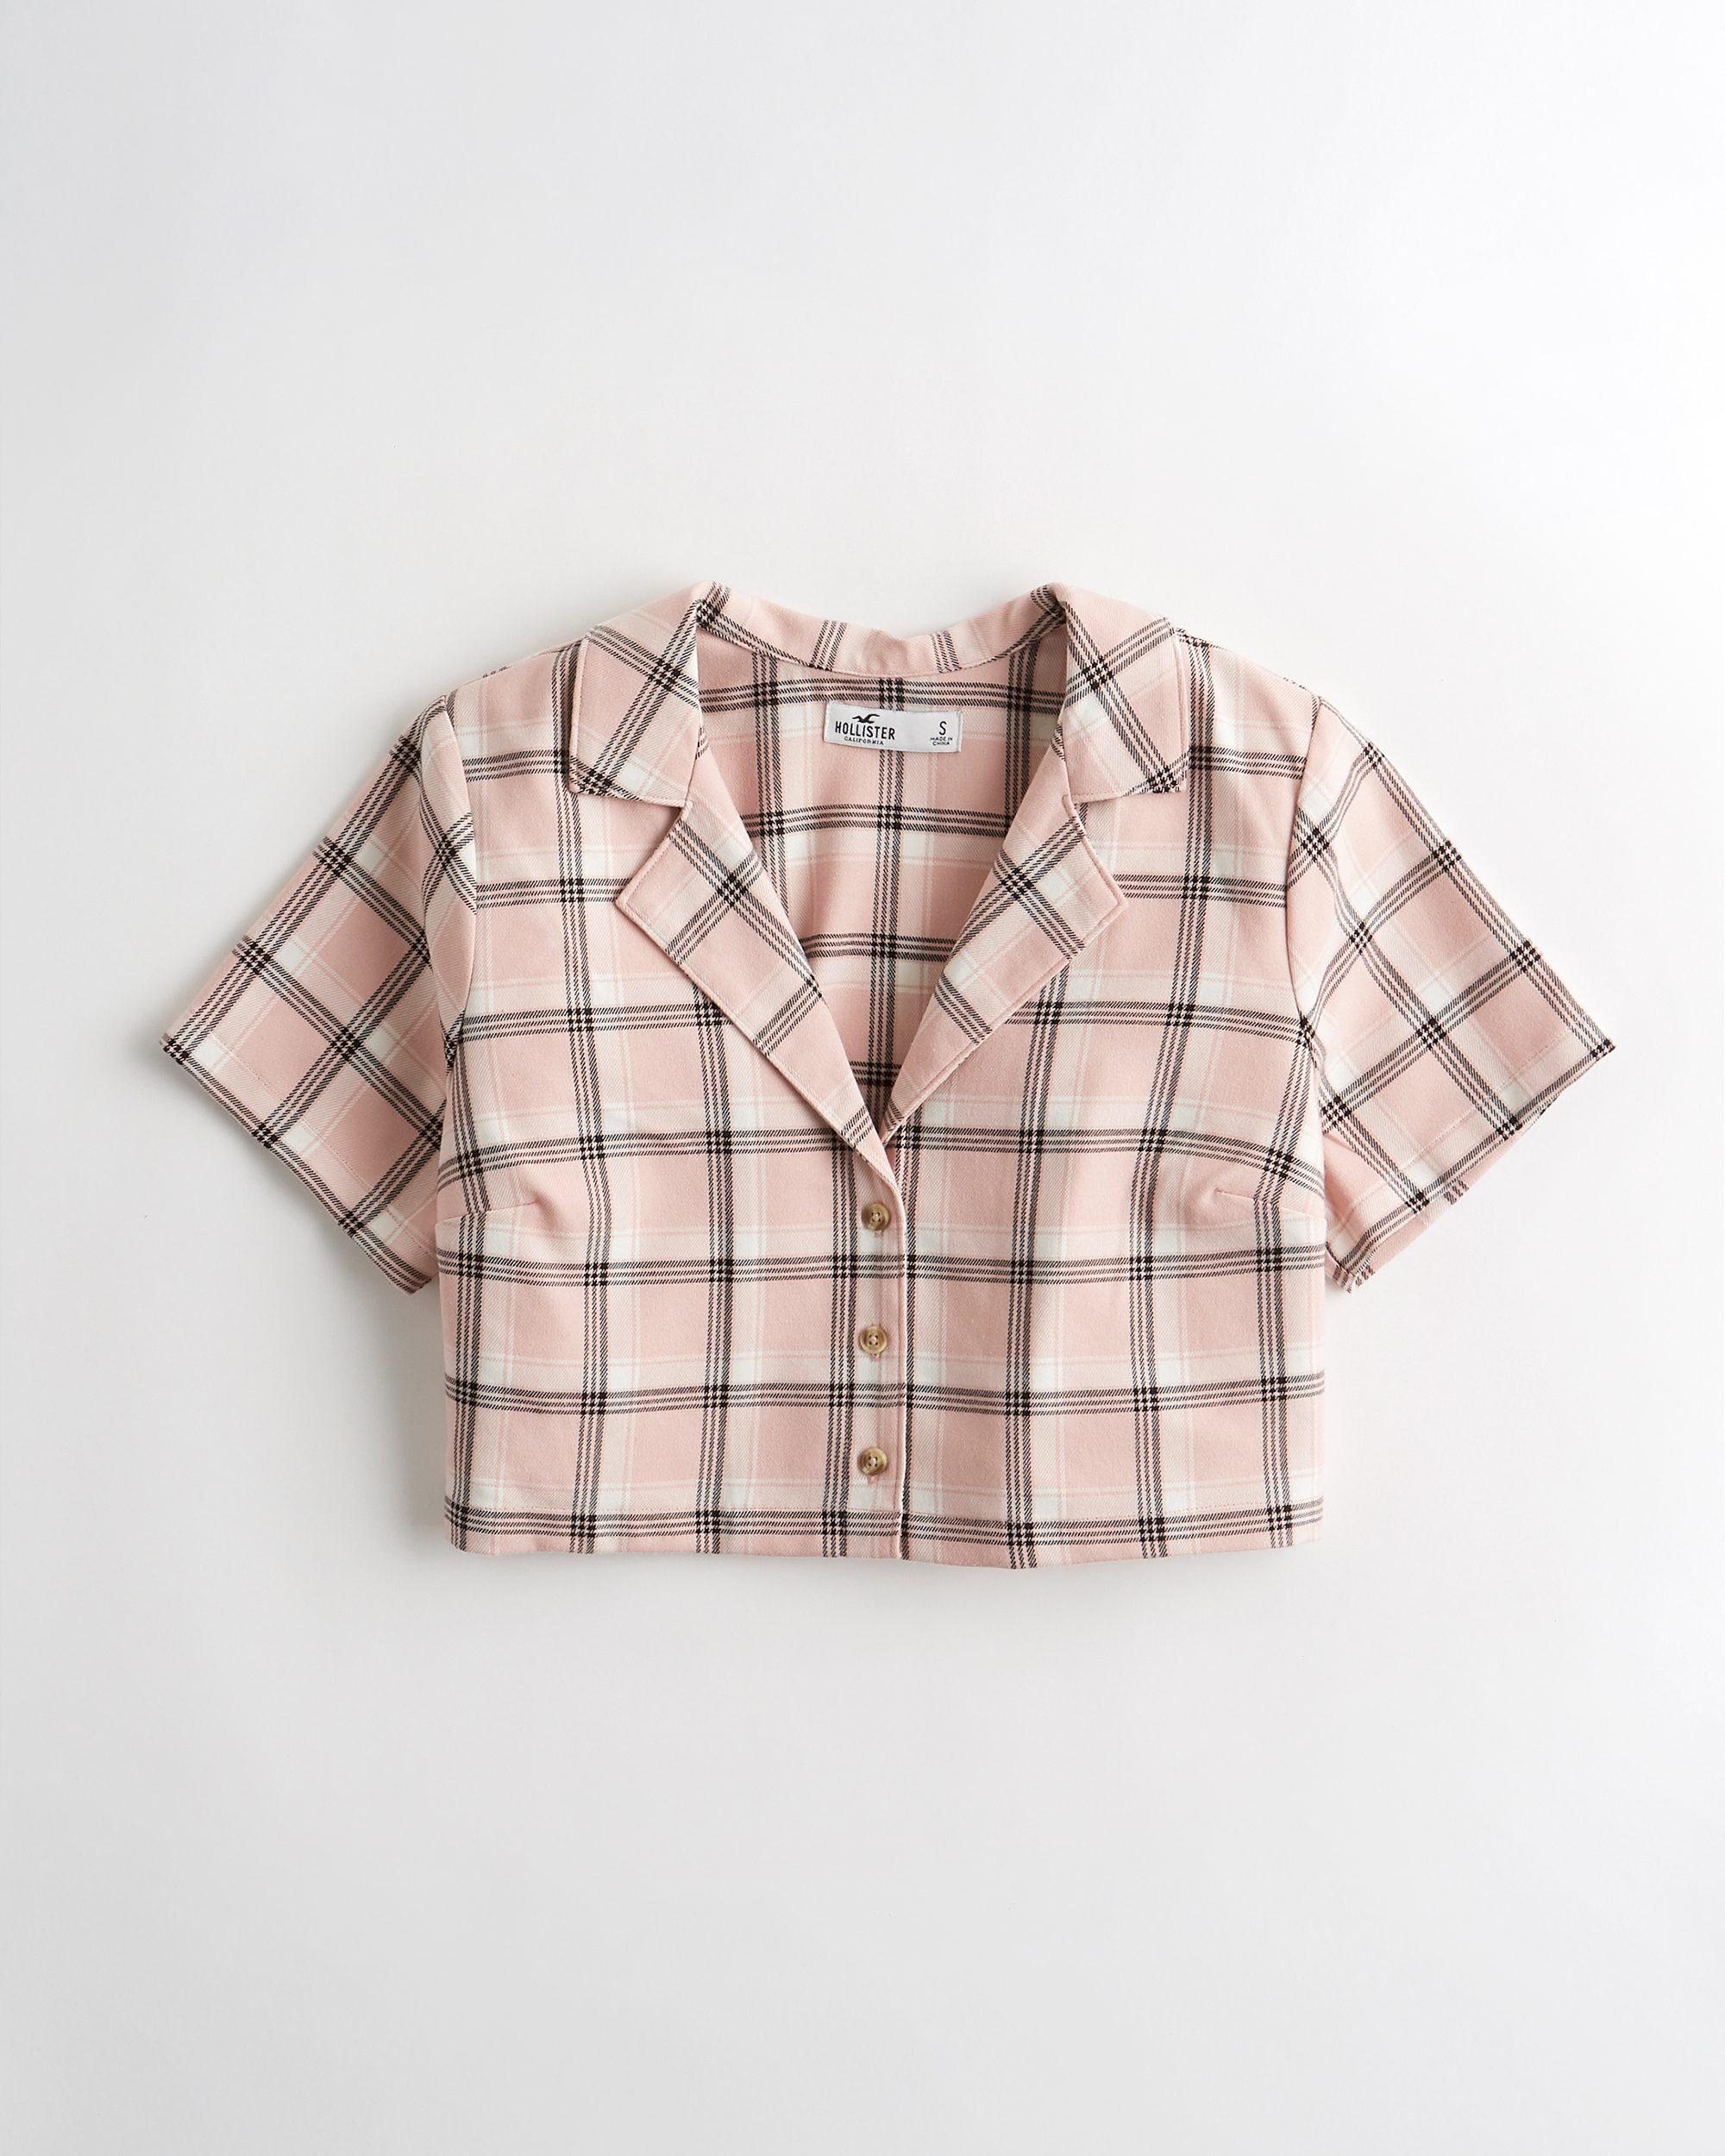 Hollister - Crop Camp Shirt (Light Pink Plaid) - £27 - www.hollisterco.com